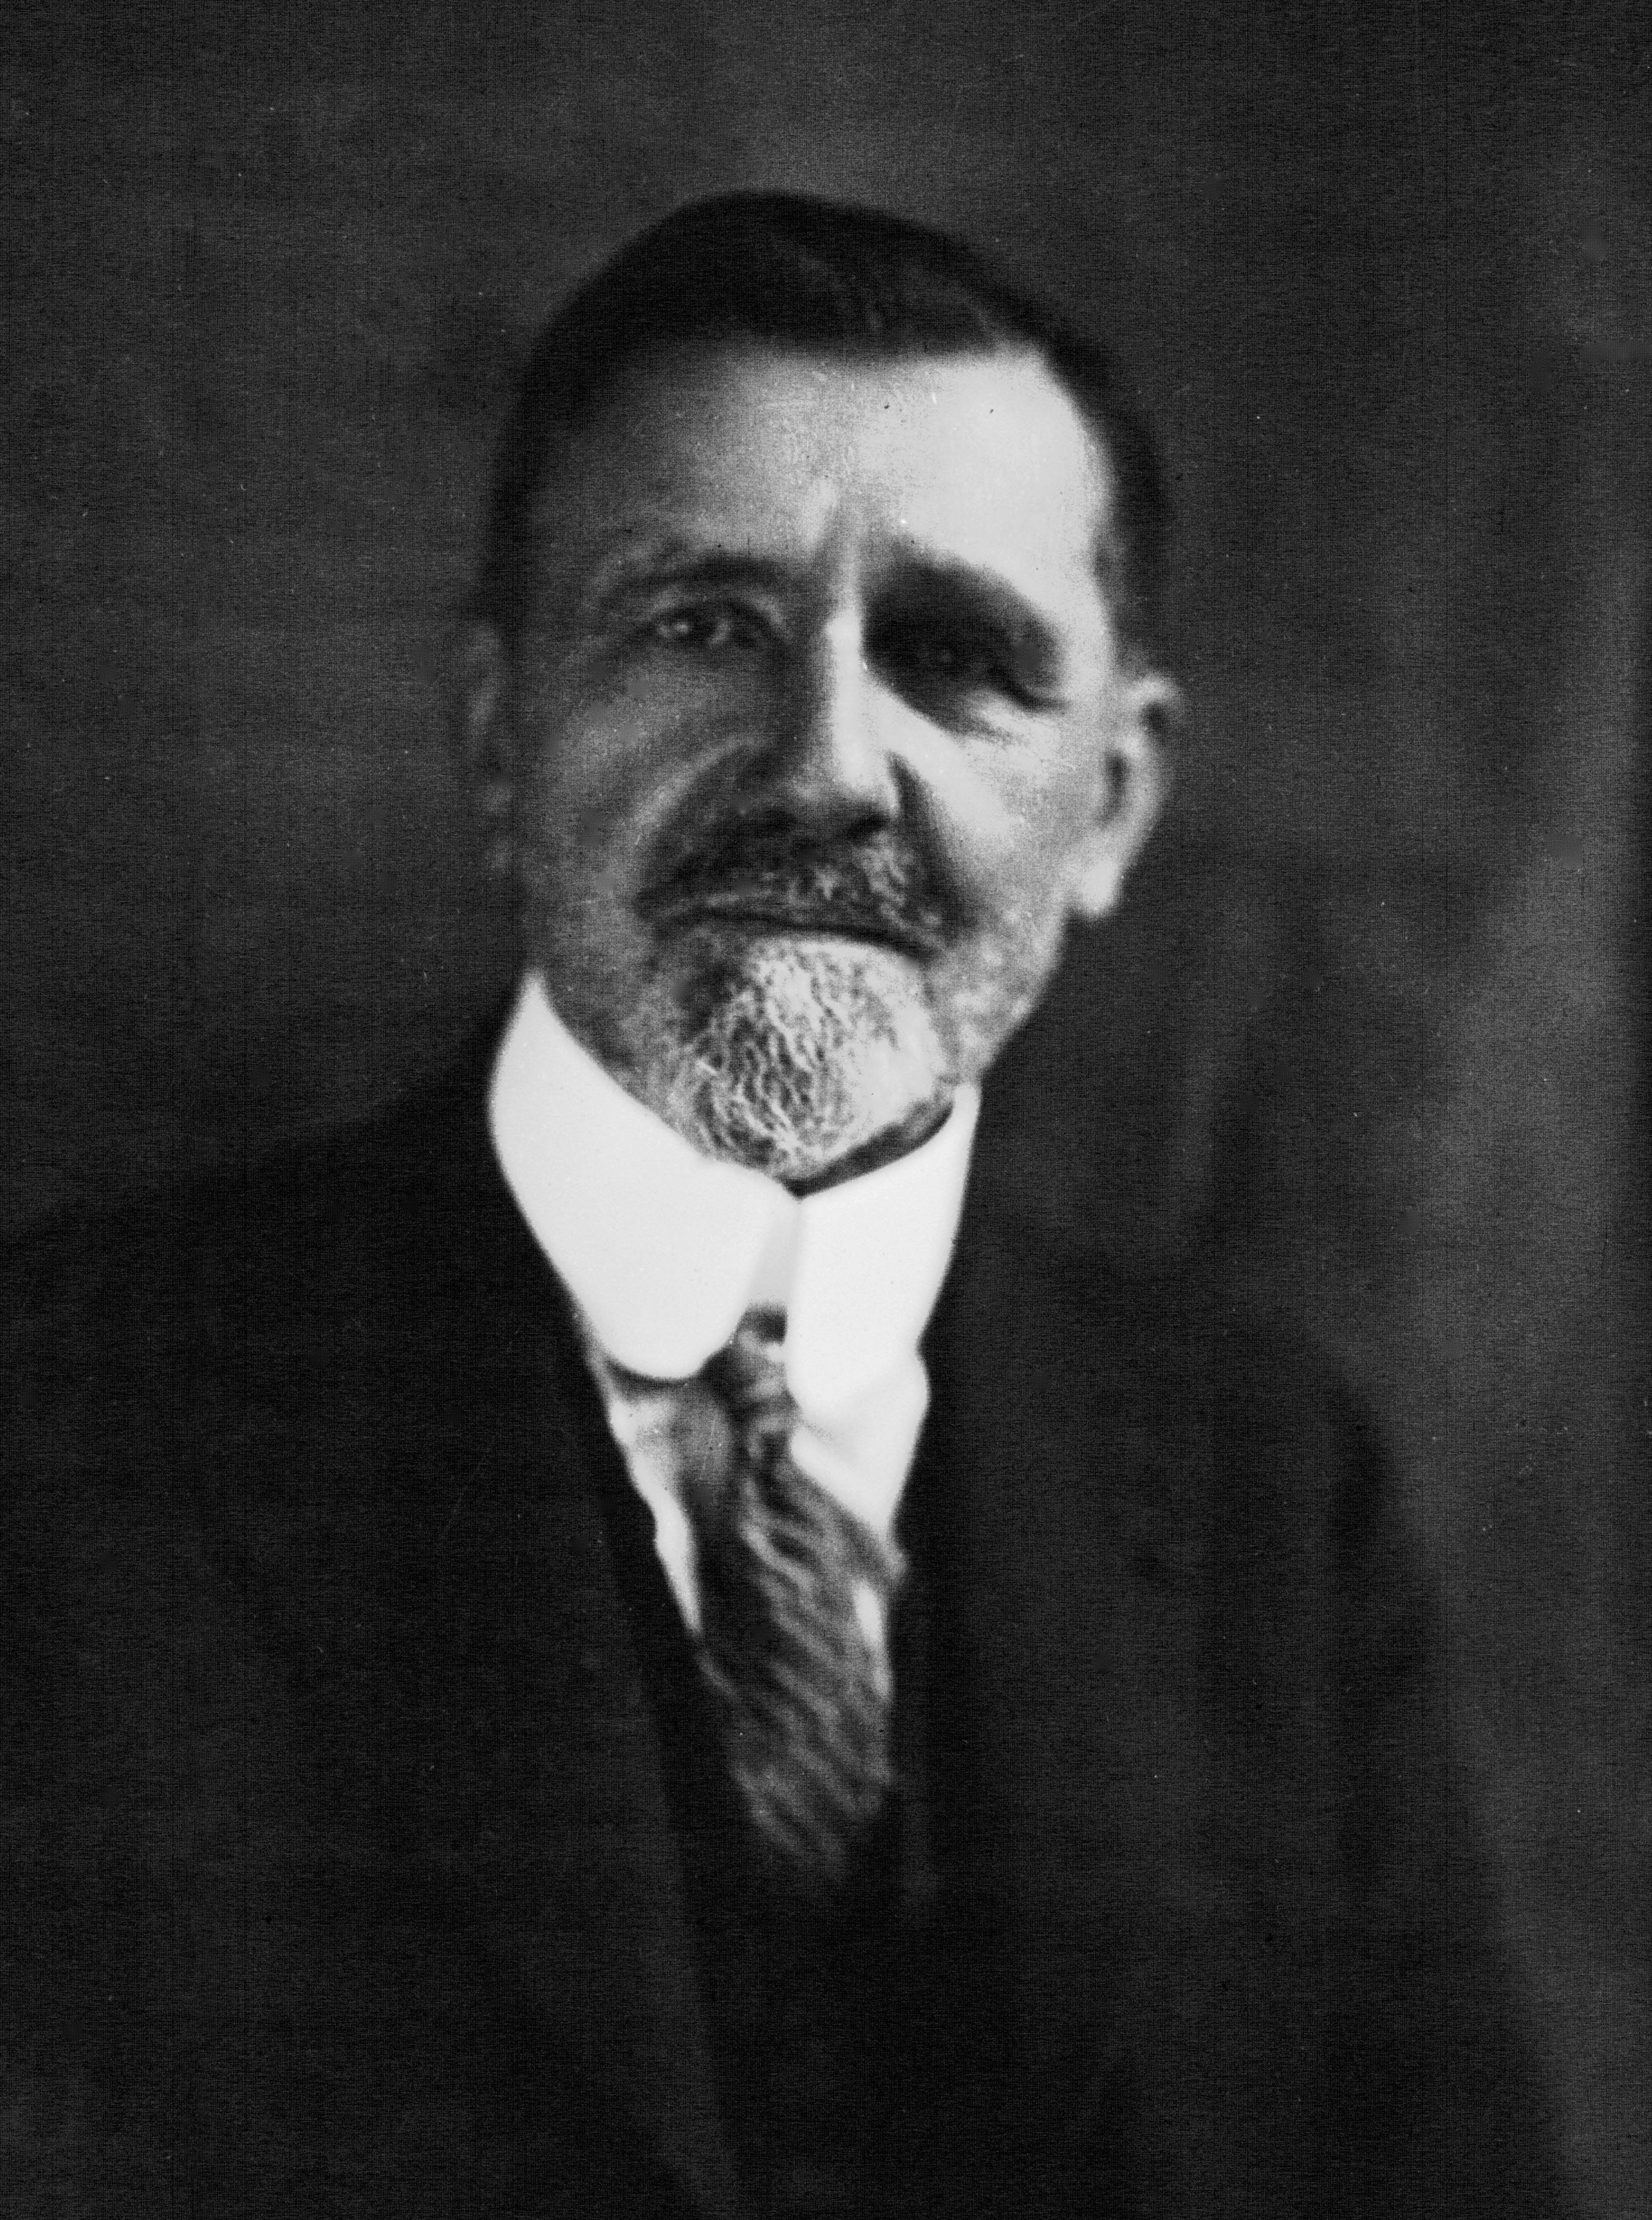 Emile_Borel-1932.jpg